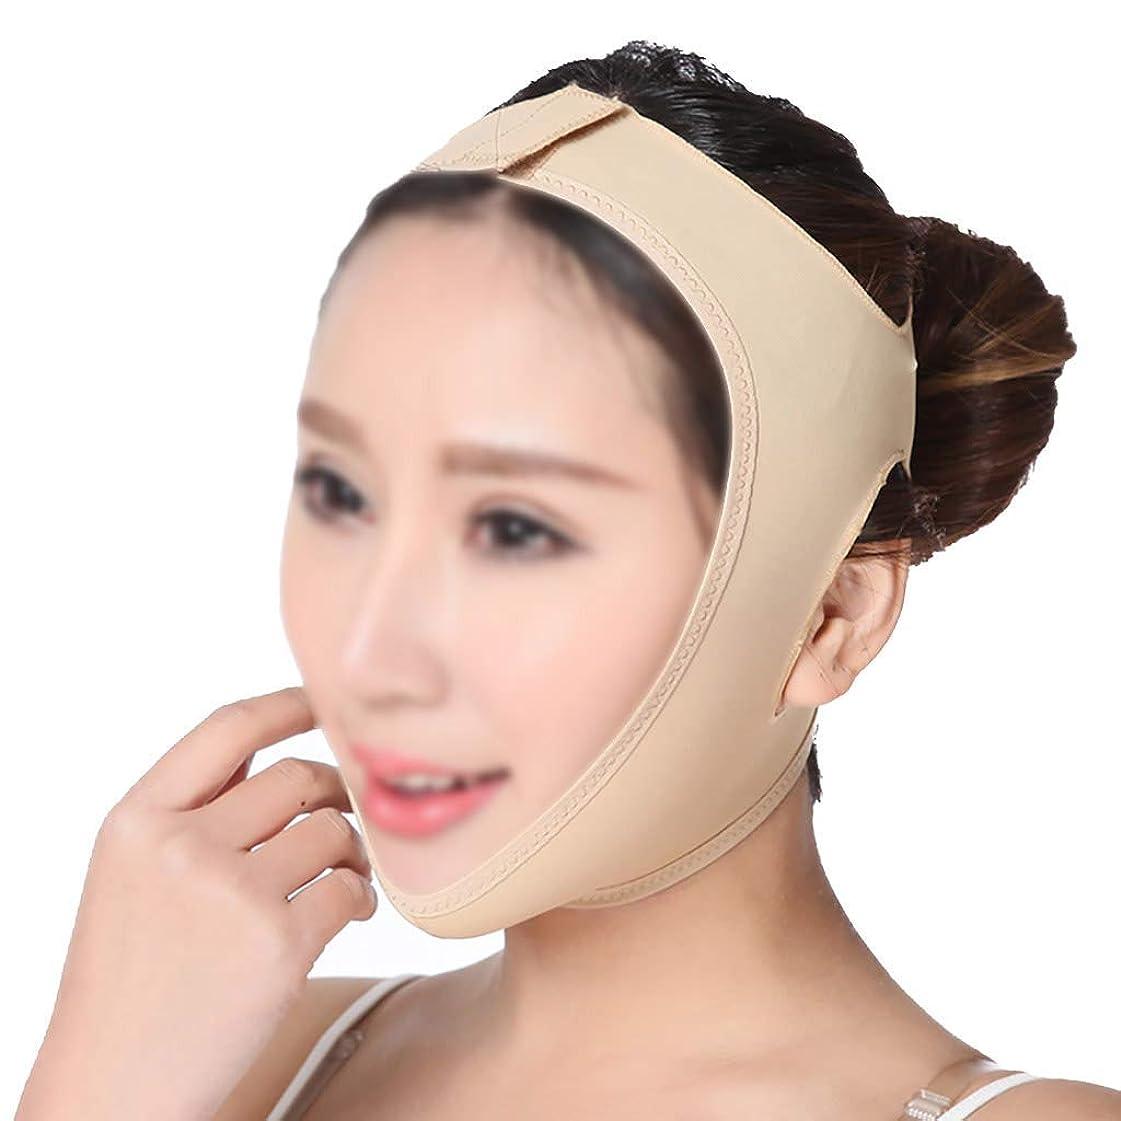 差し迫ったメディック確実フェイスリフティングマスク、持ち上がるあごと顔の肌、垂れ下がるのを防ぐ頬、快適で通気性のある生地、詰め物にすることを拒否、着用しやすい(サイズ:XL)